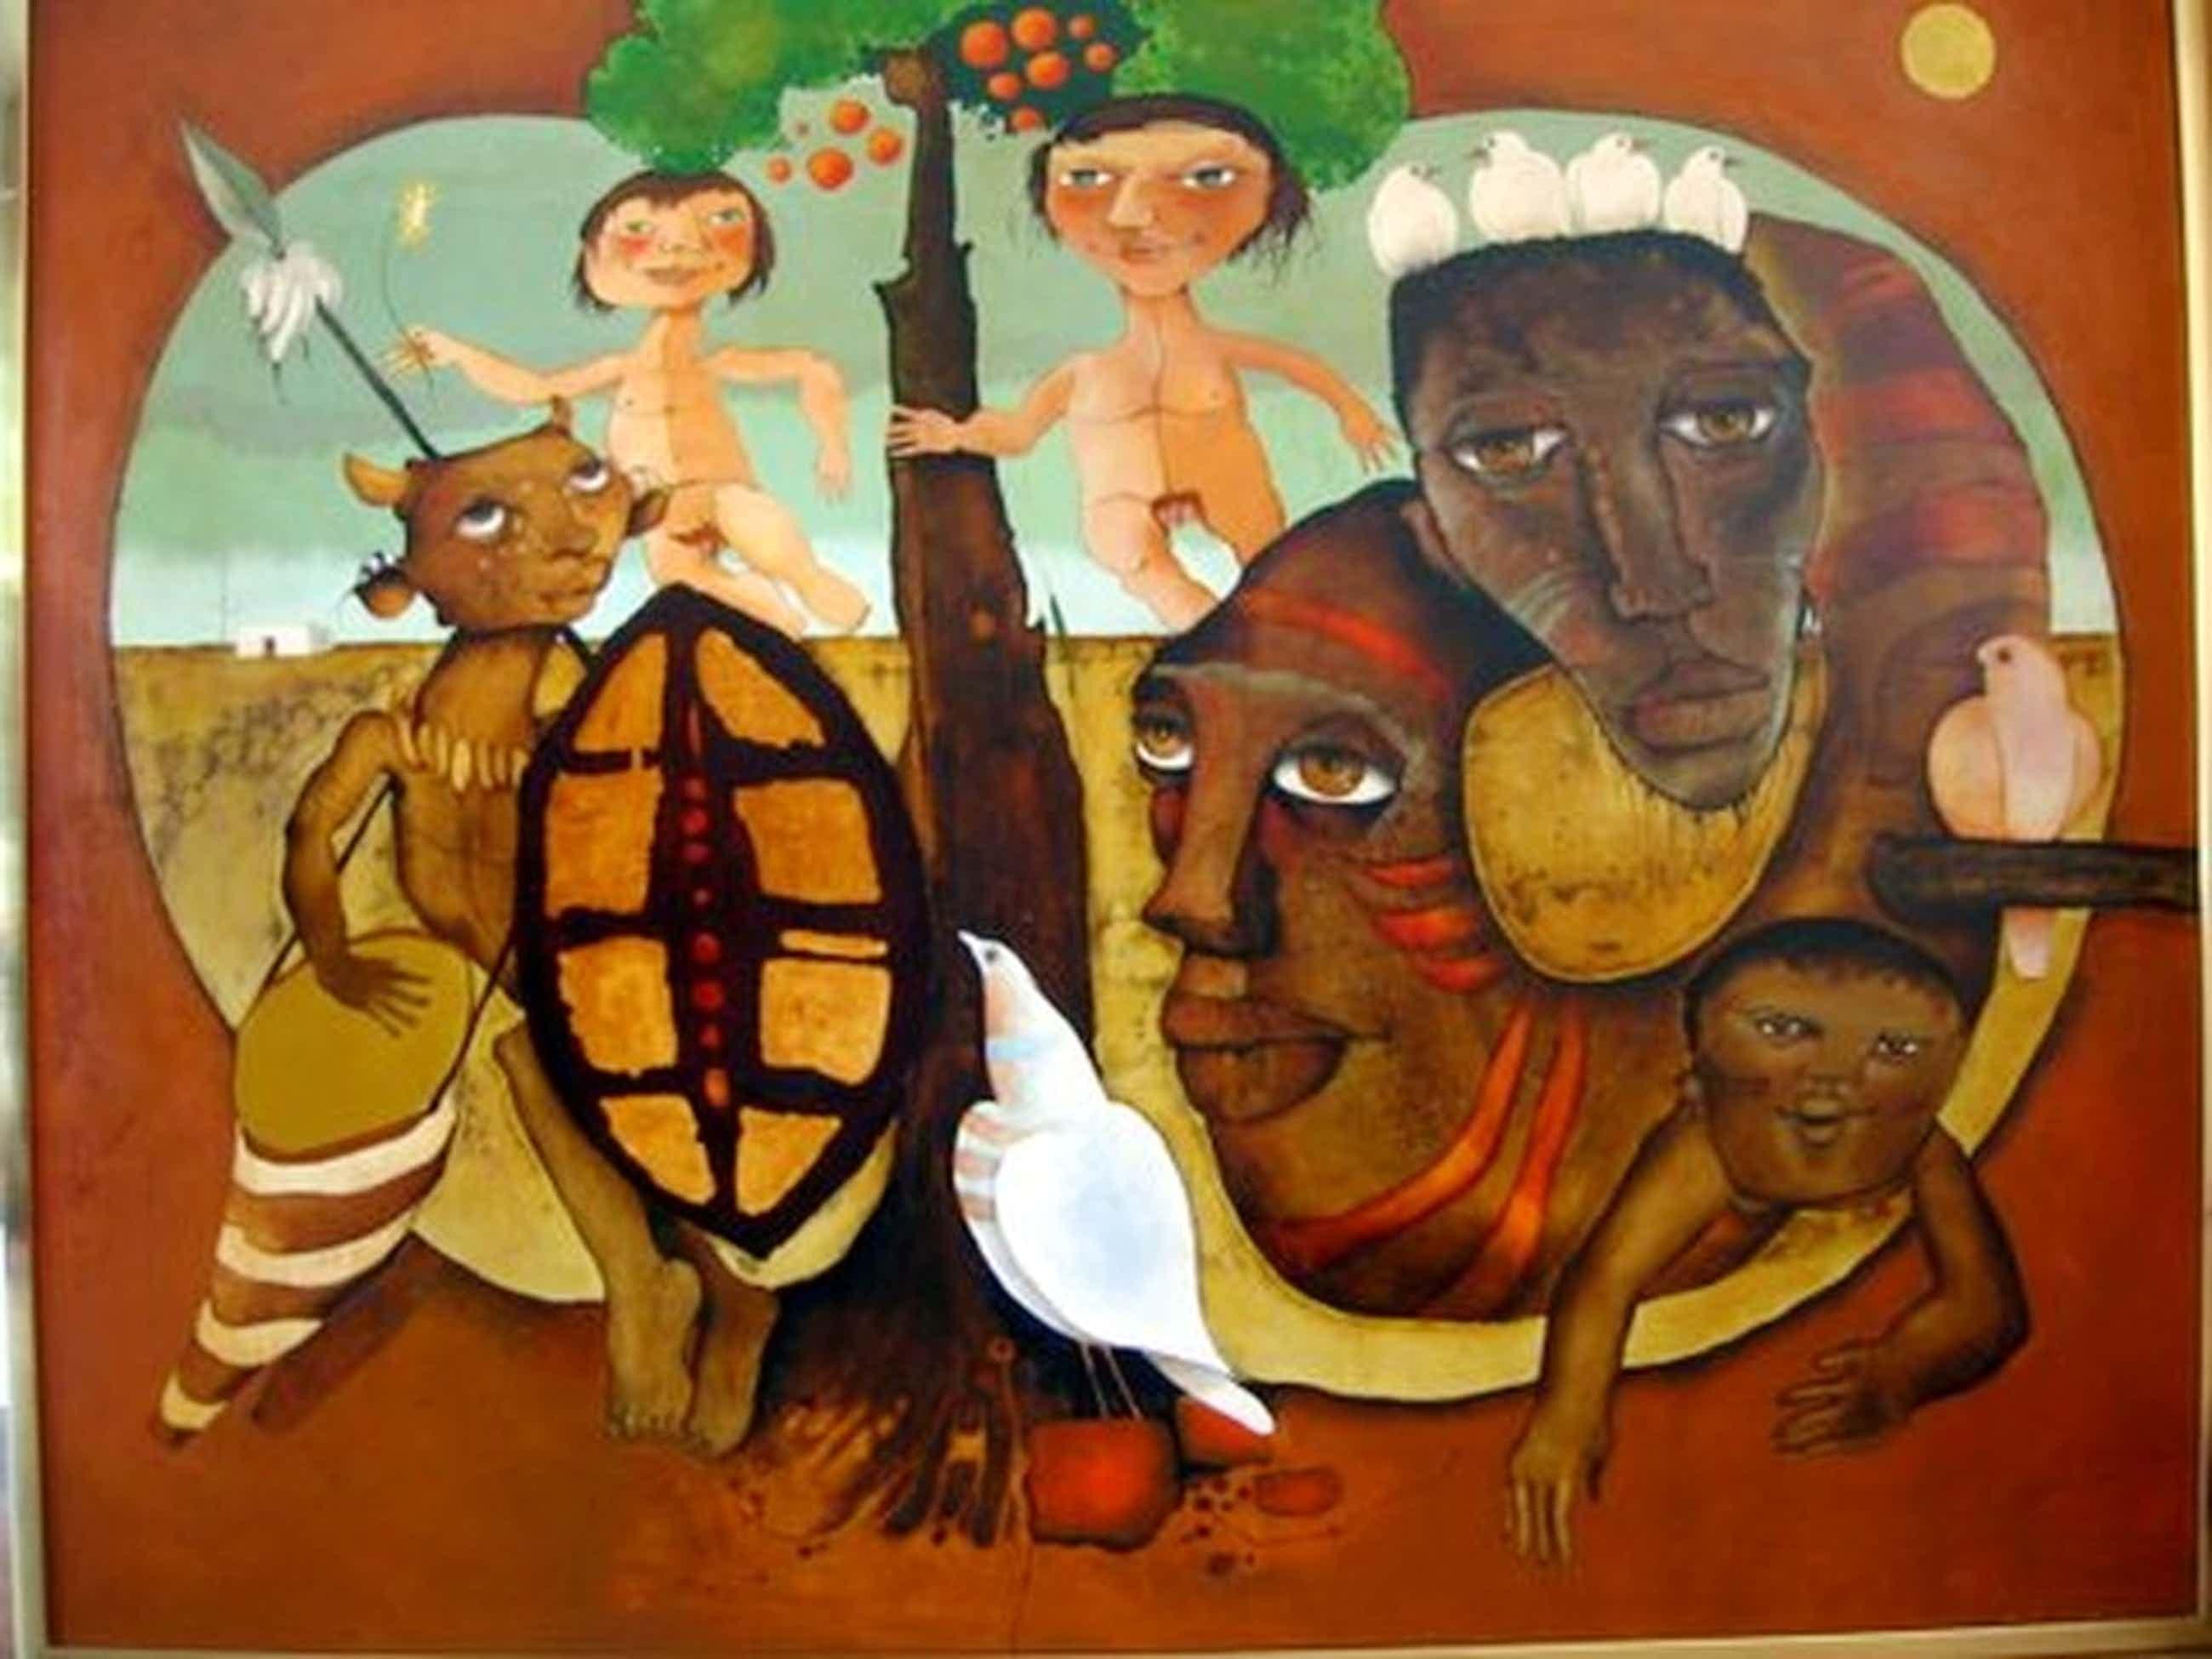 Machiel Hopman pseudoniem Nzama, olieverf op paneel in kleur, Apartheid Z-Afrik  kopen? Bied vanaf 800!